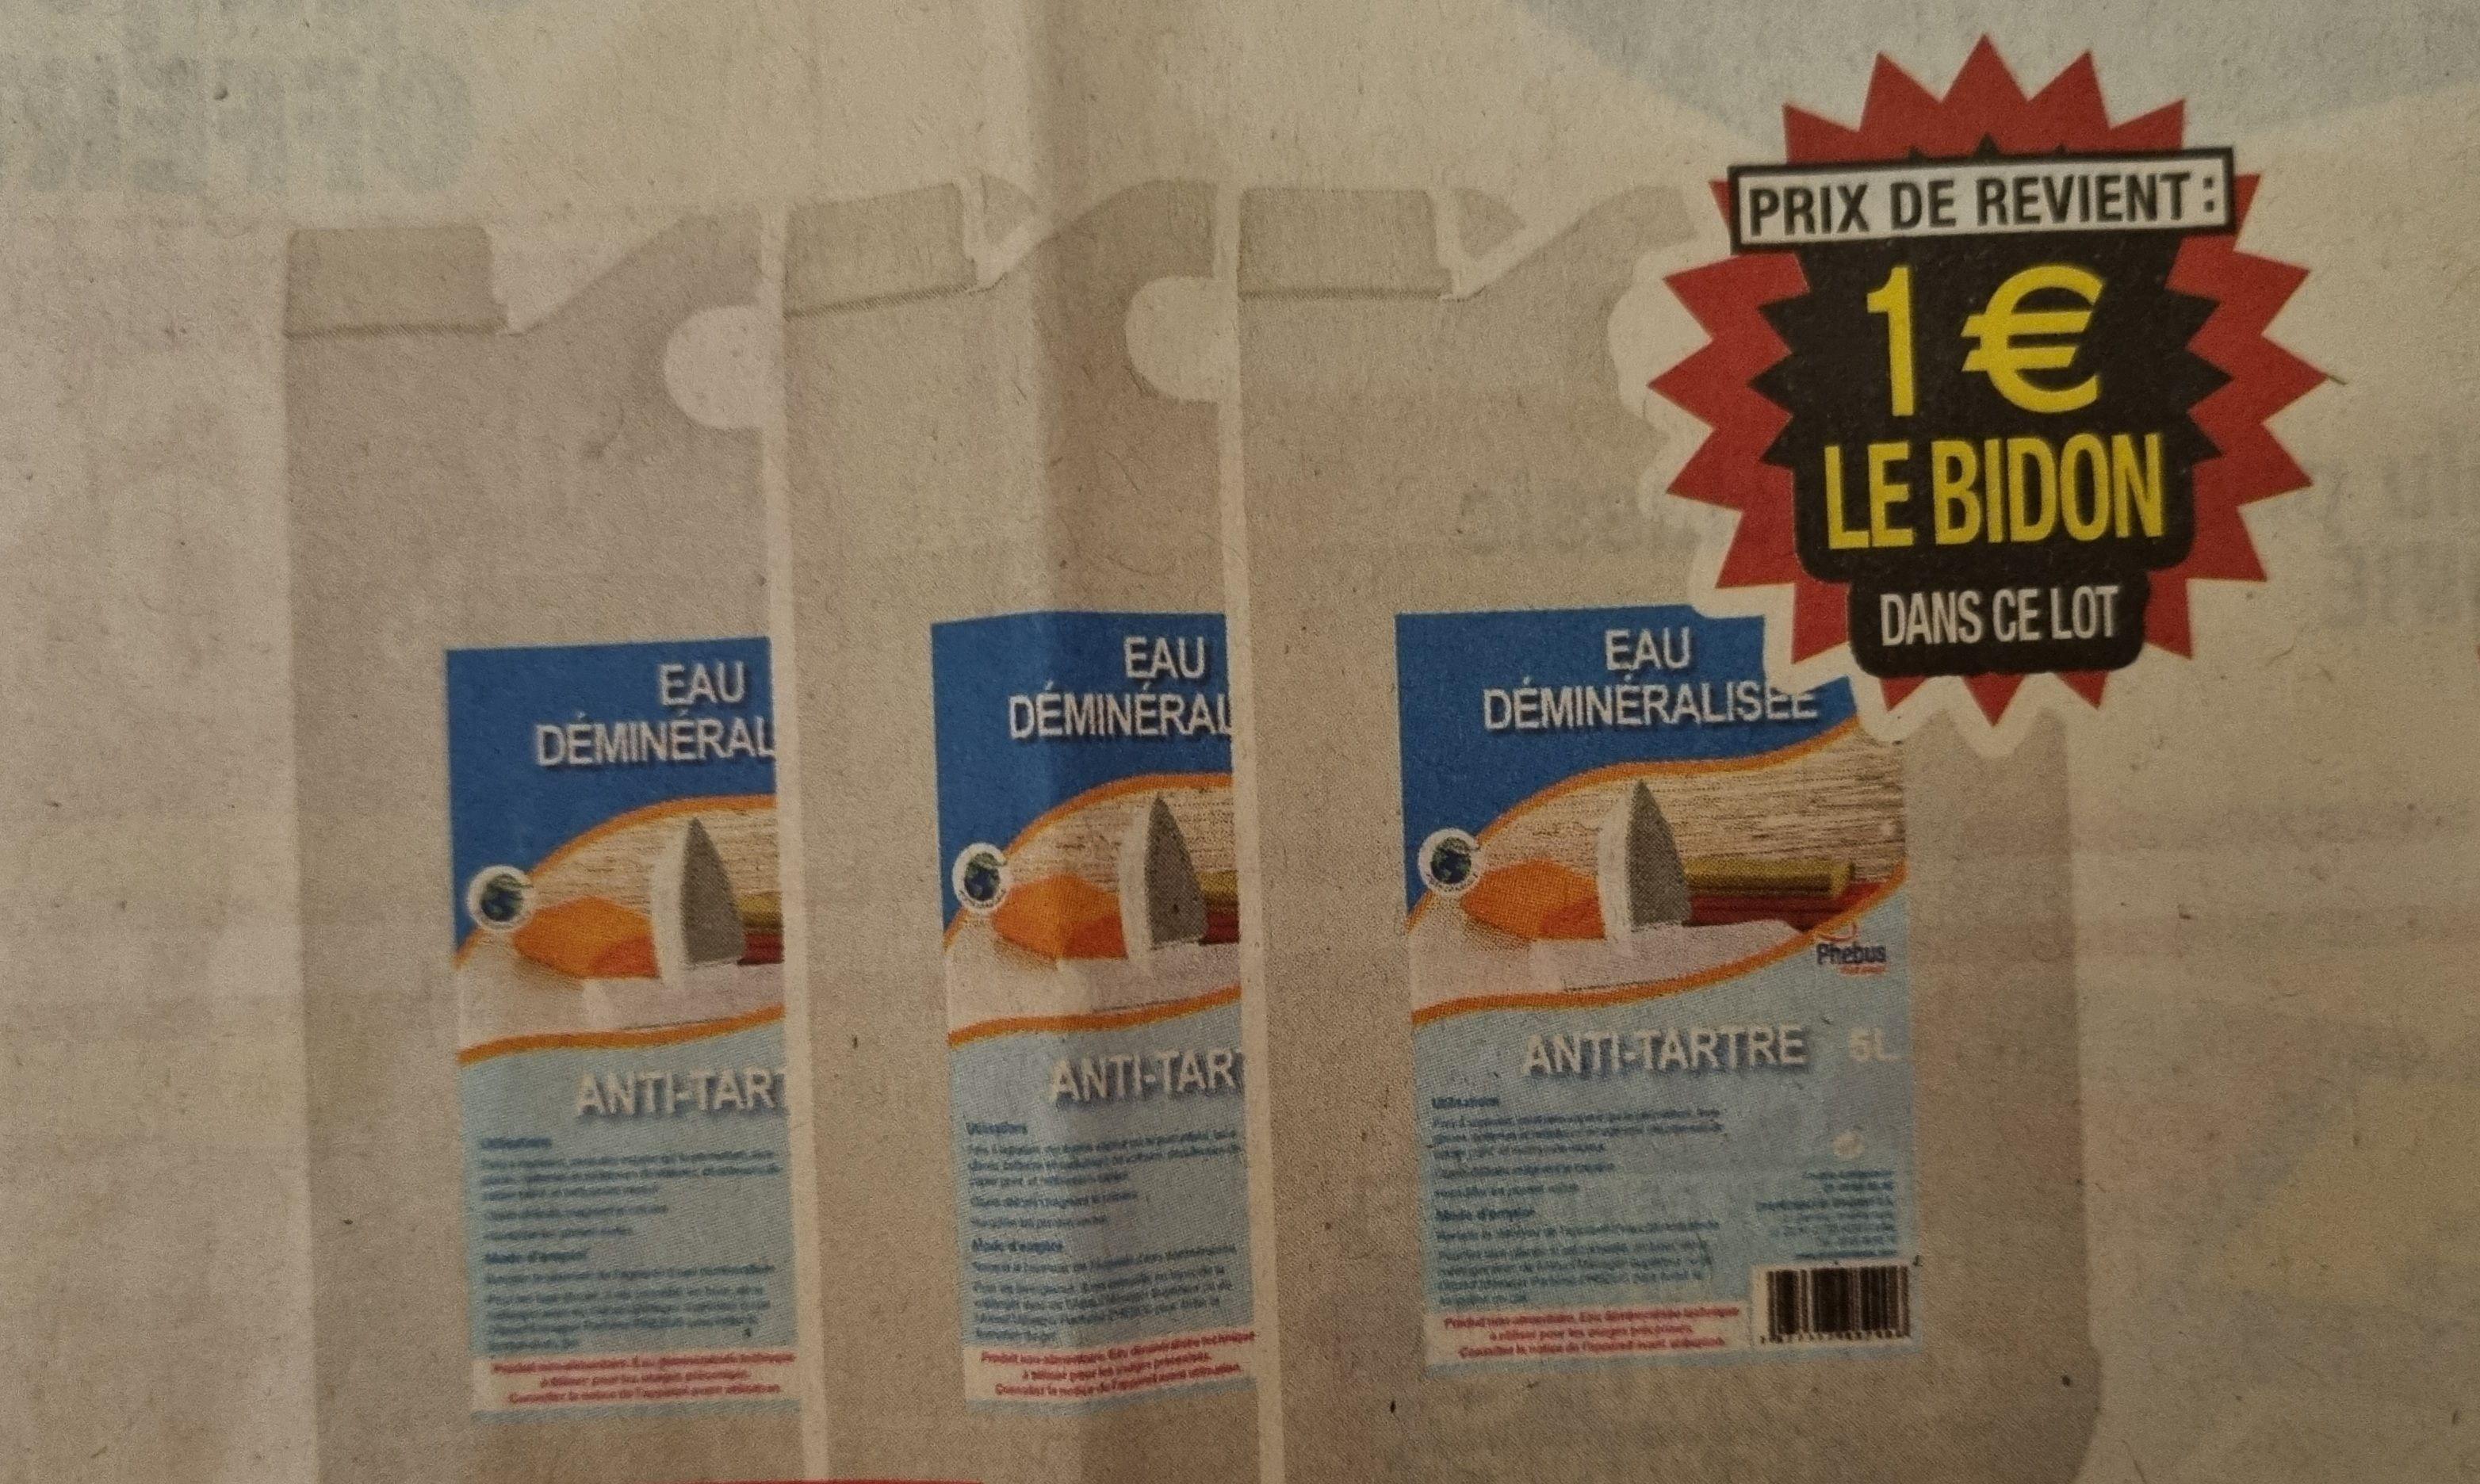 Lot de 3 bidons de 5 litres d'eau déminéralisée antitartre Phébus (3x 5L)